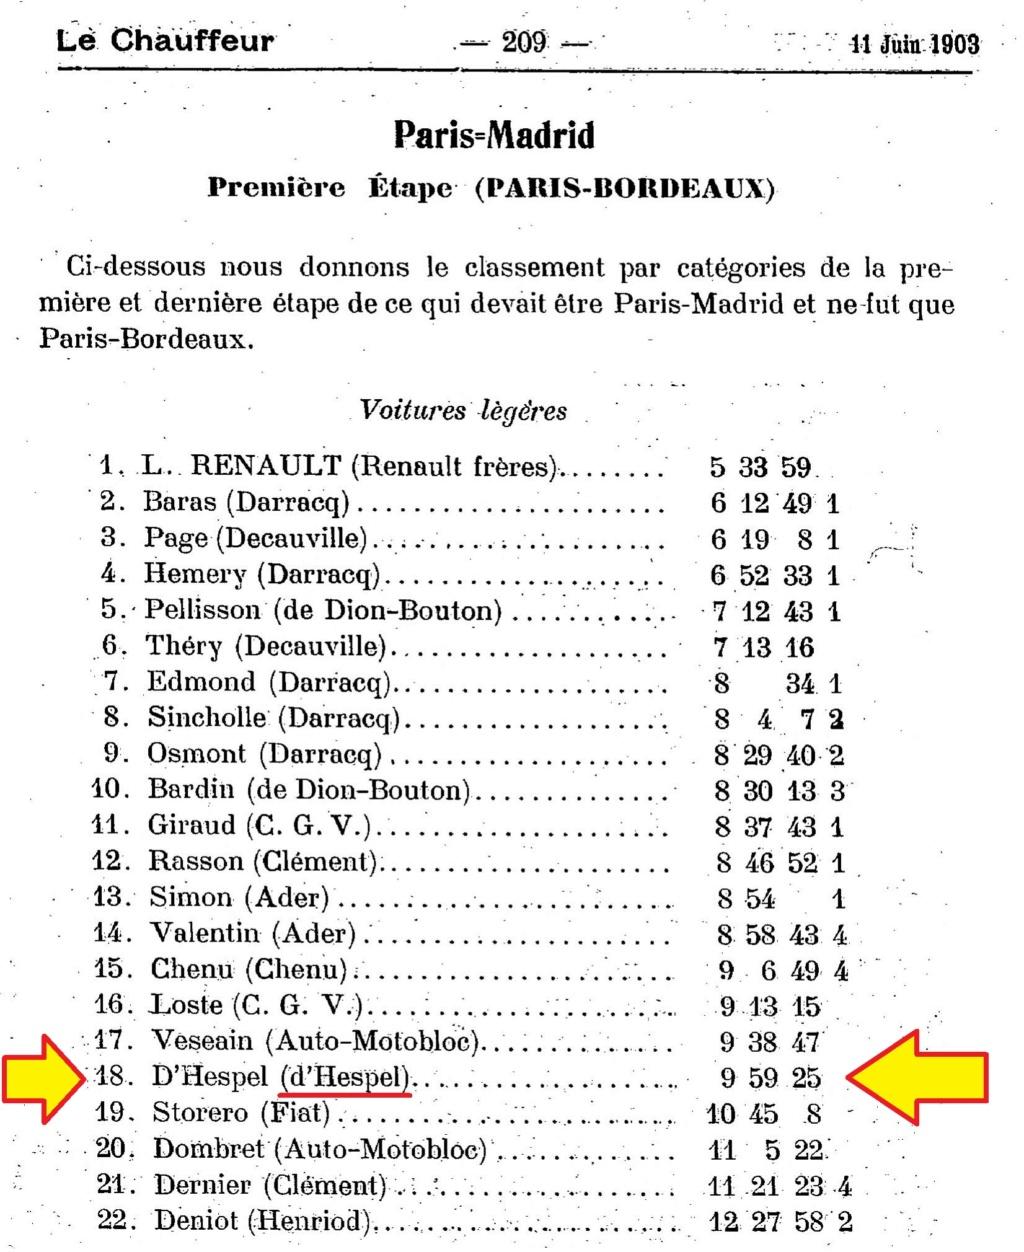 Robert d'Hespel 646